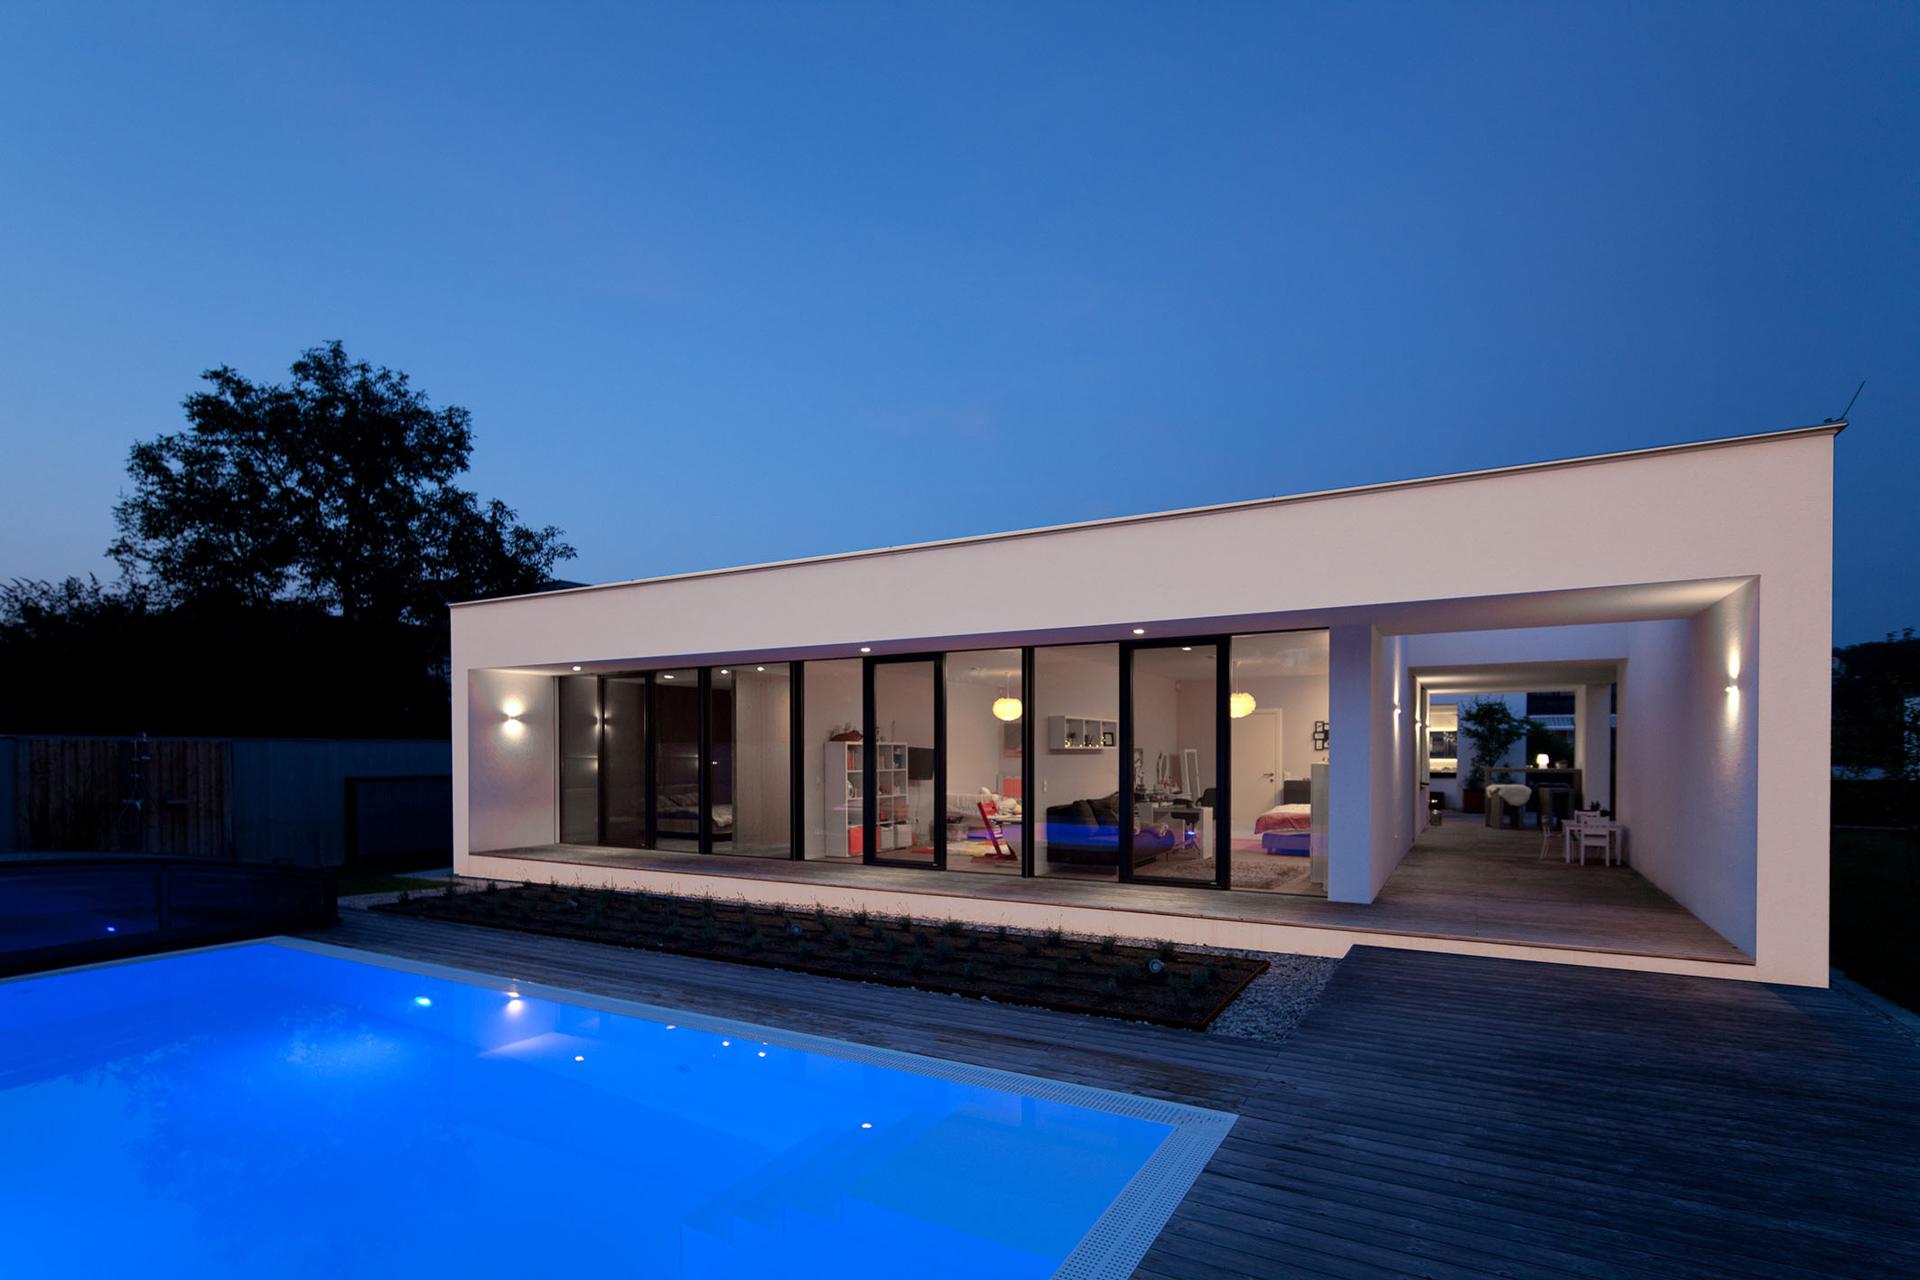 Stimmungsvolle, abendliche Außenansicht eines Bungalows der Paschinger Architekten